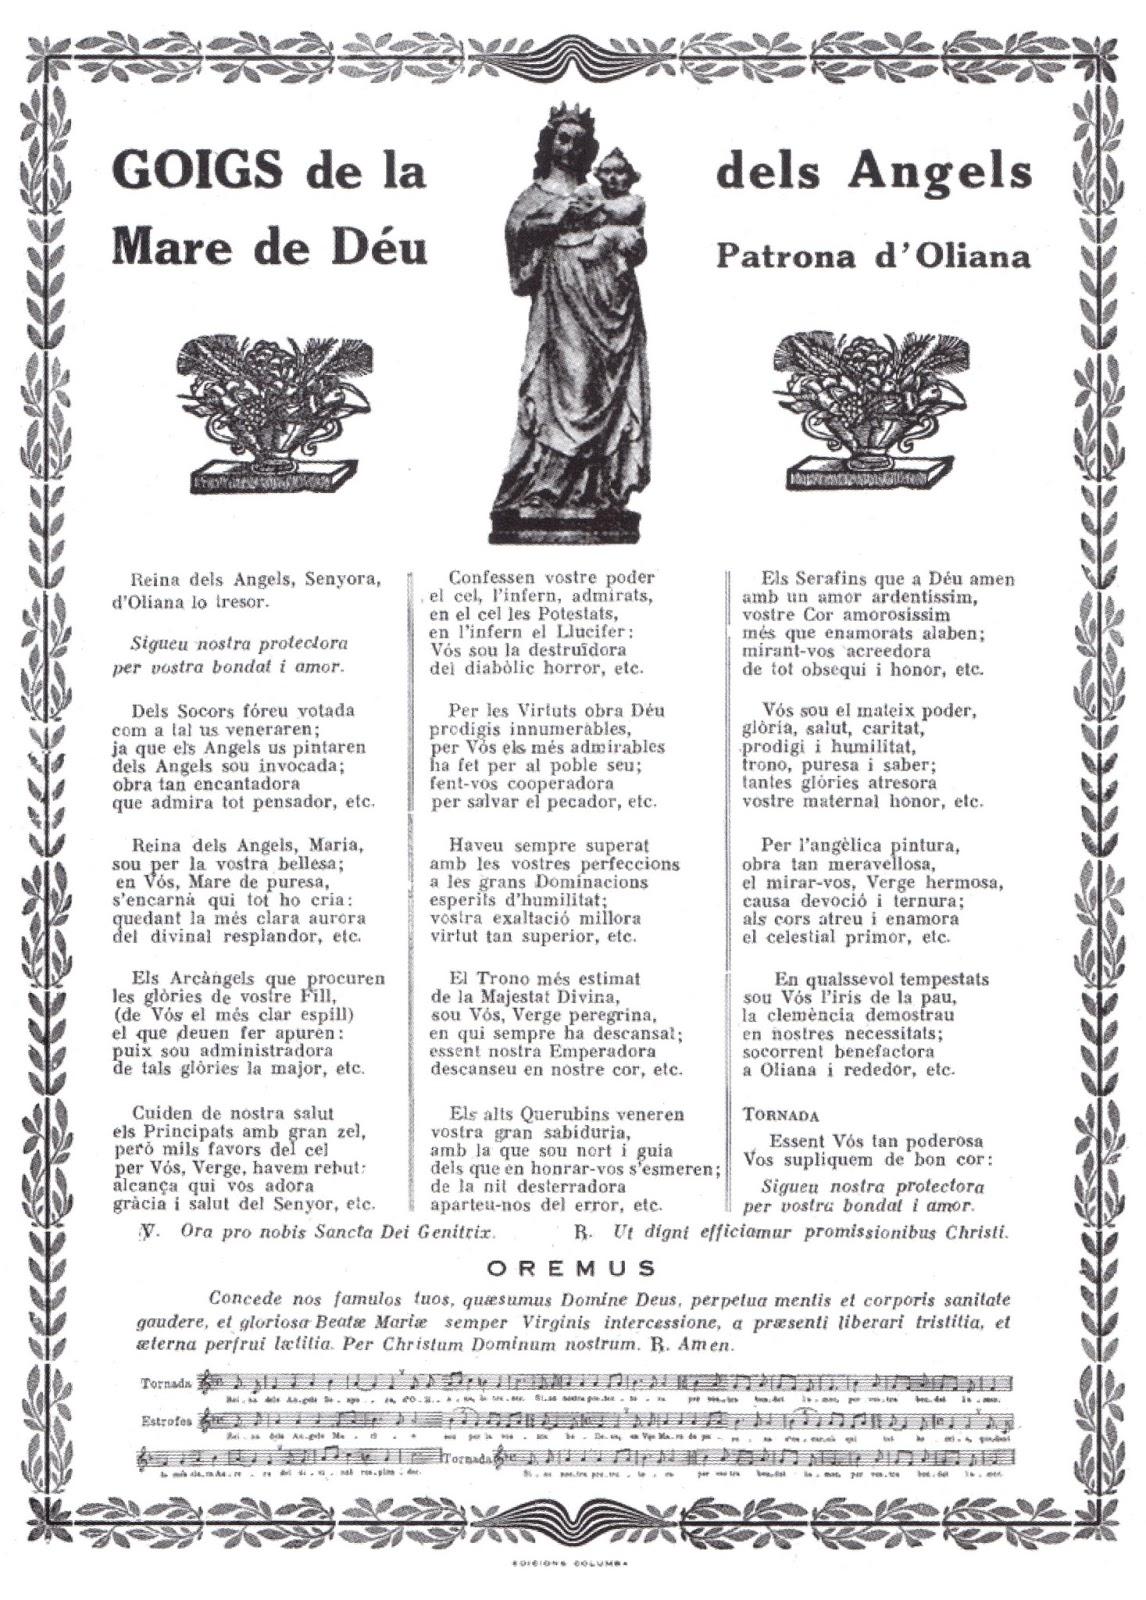 Goigs i devocions populars: Goigs a la Mare de Déu dels Àngels. Oliana (Alt U...